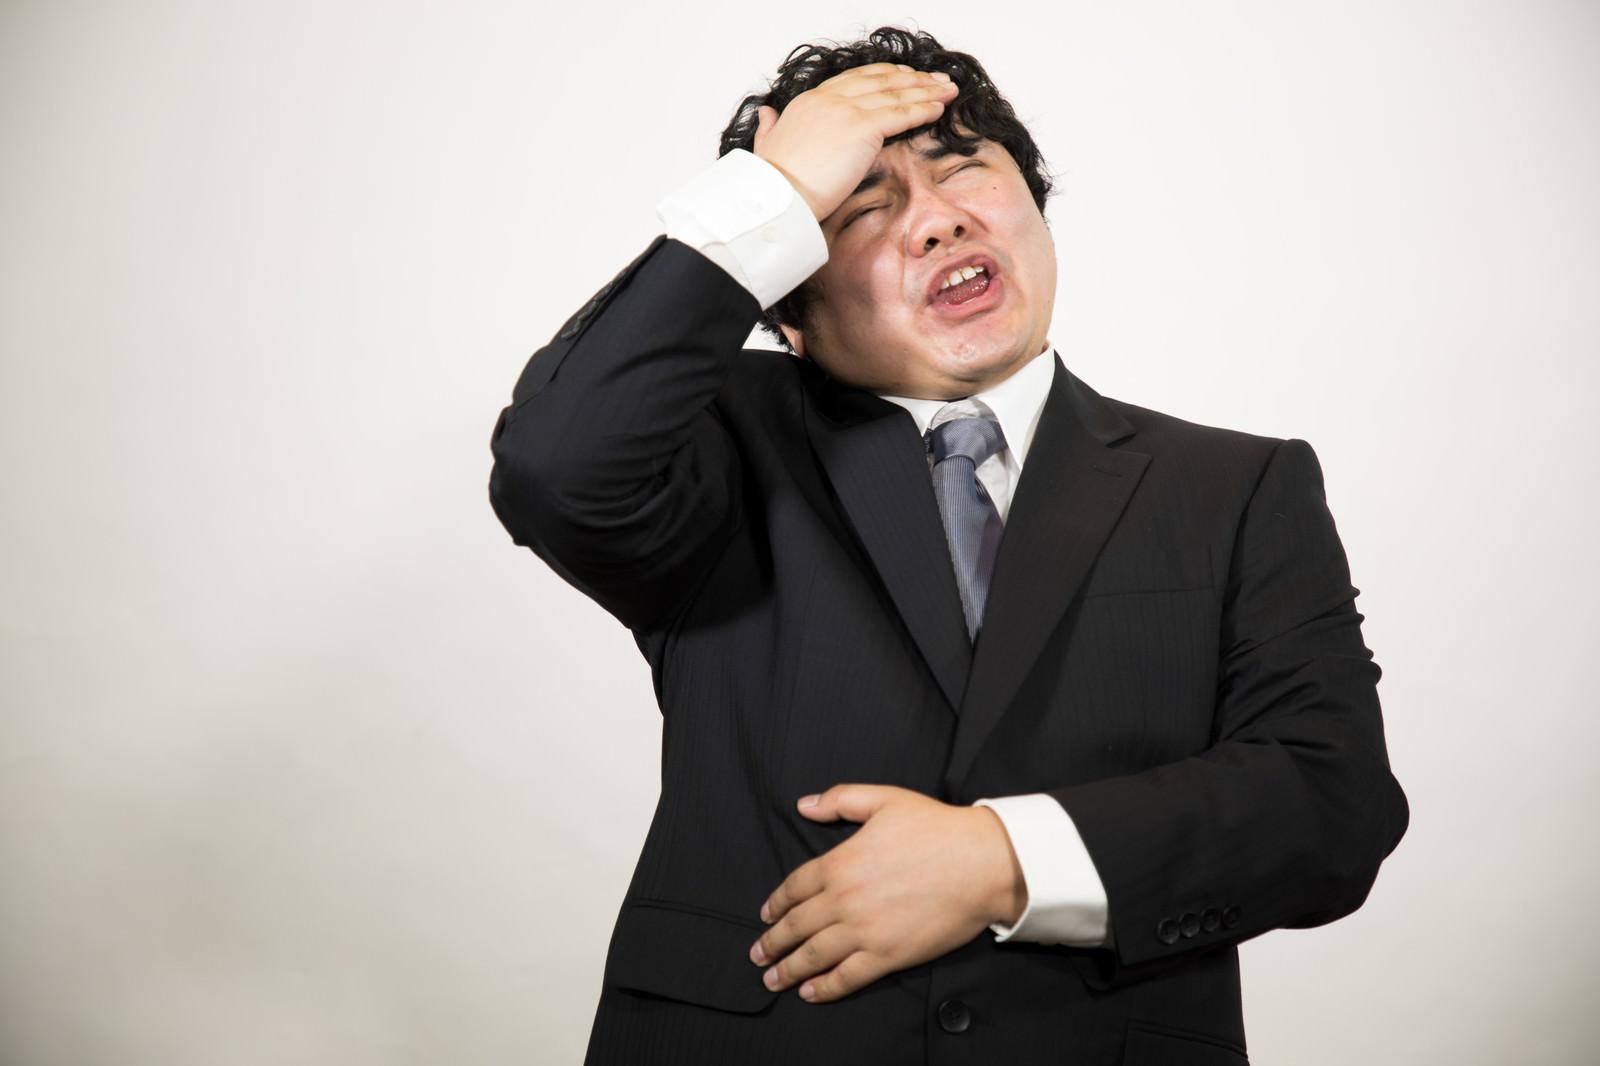 「頭とお腹が痛いので帰ります。(会社員)頭とお腹が痛いので帰ります。(会社員)」[モデル:段田隼人]のフリー写真素材を拡大